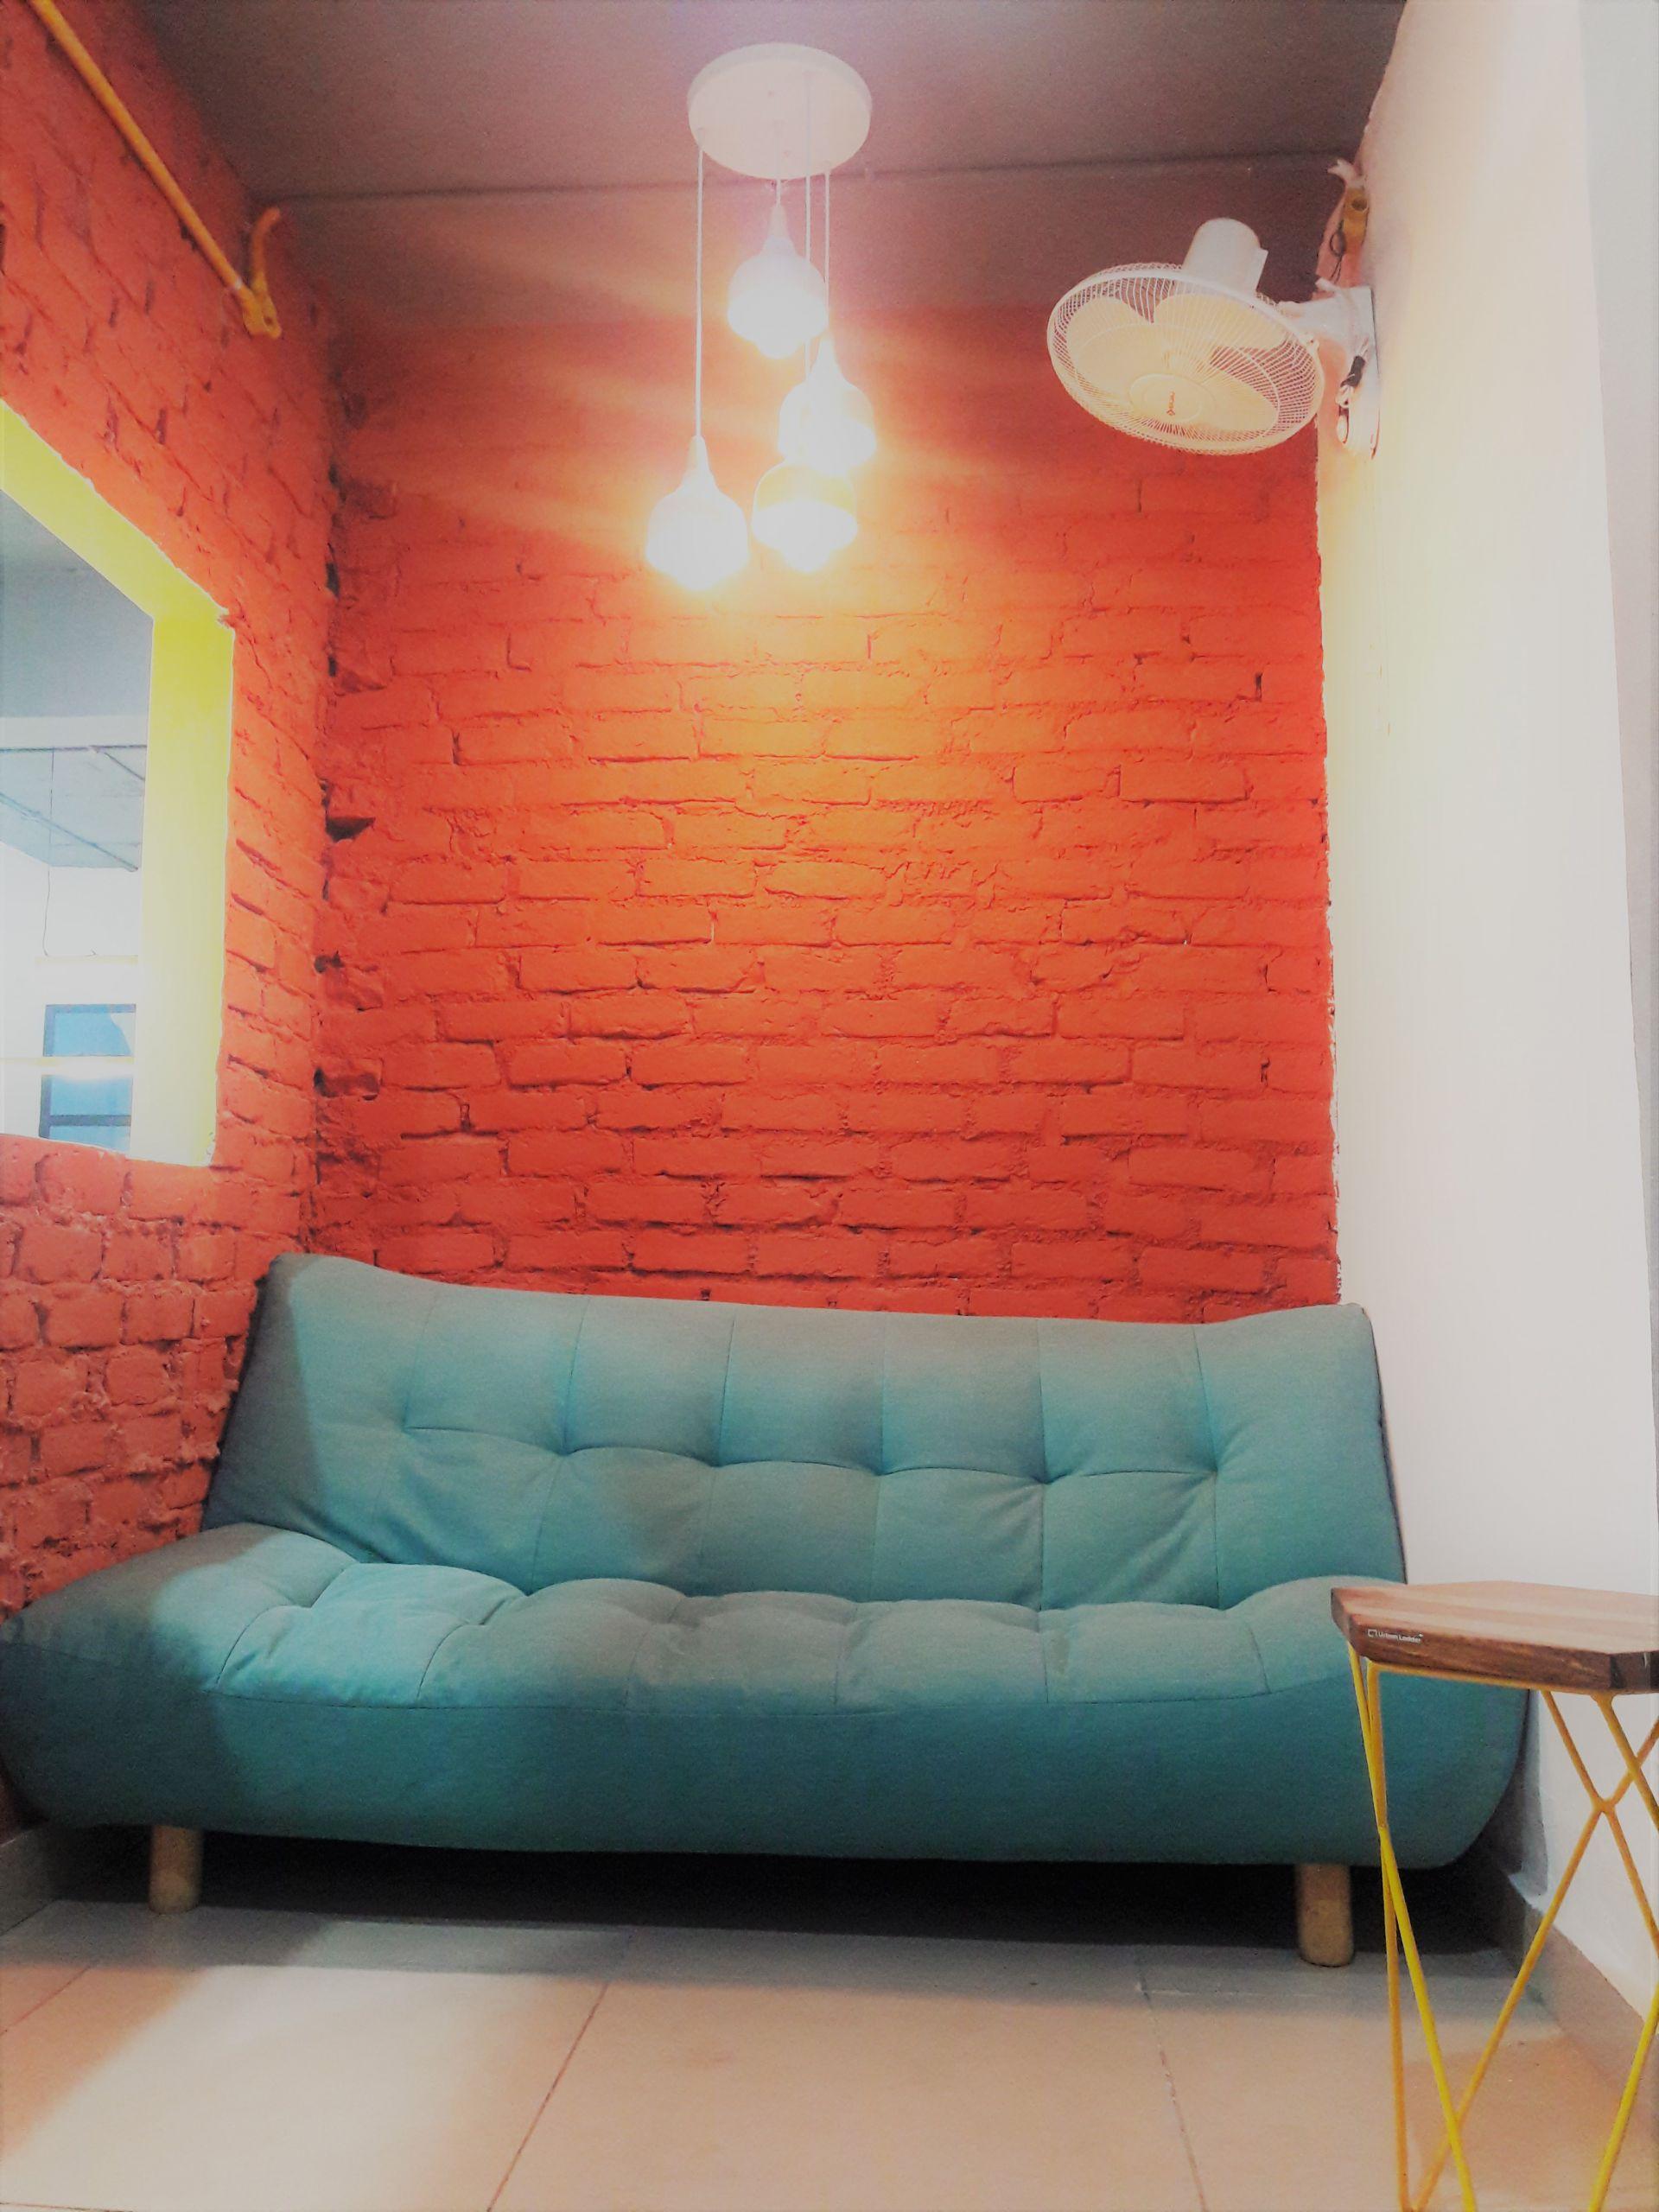 xSpaces, Noida